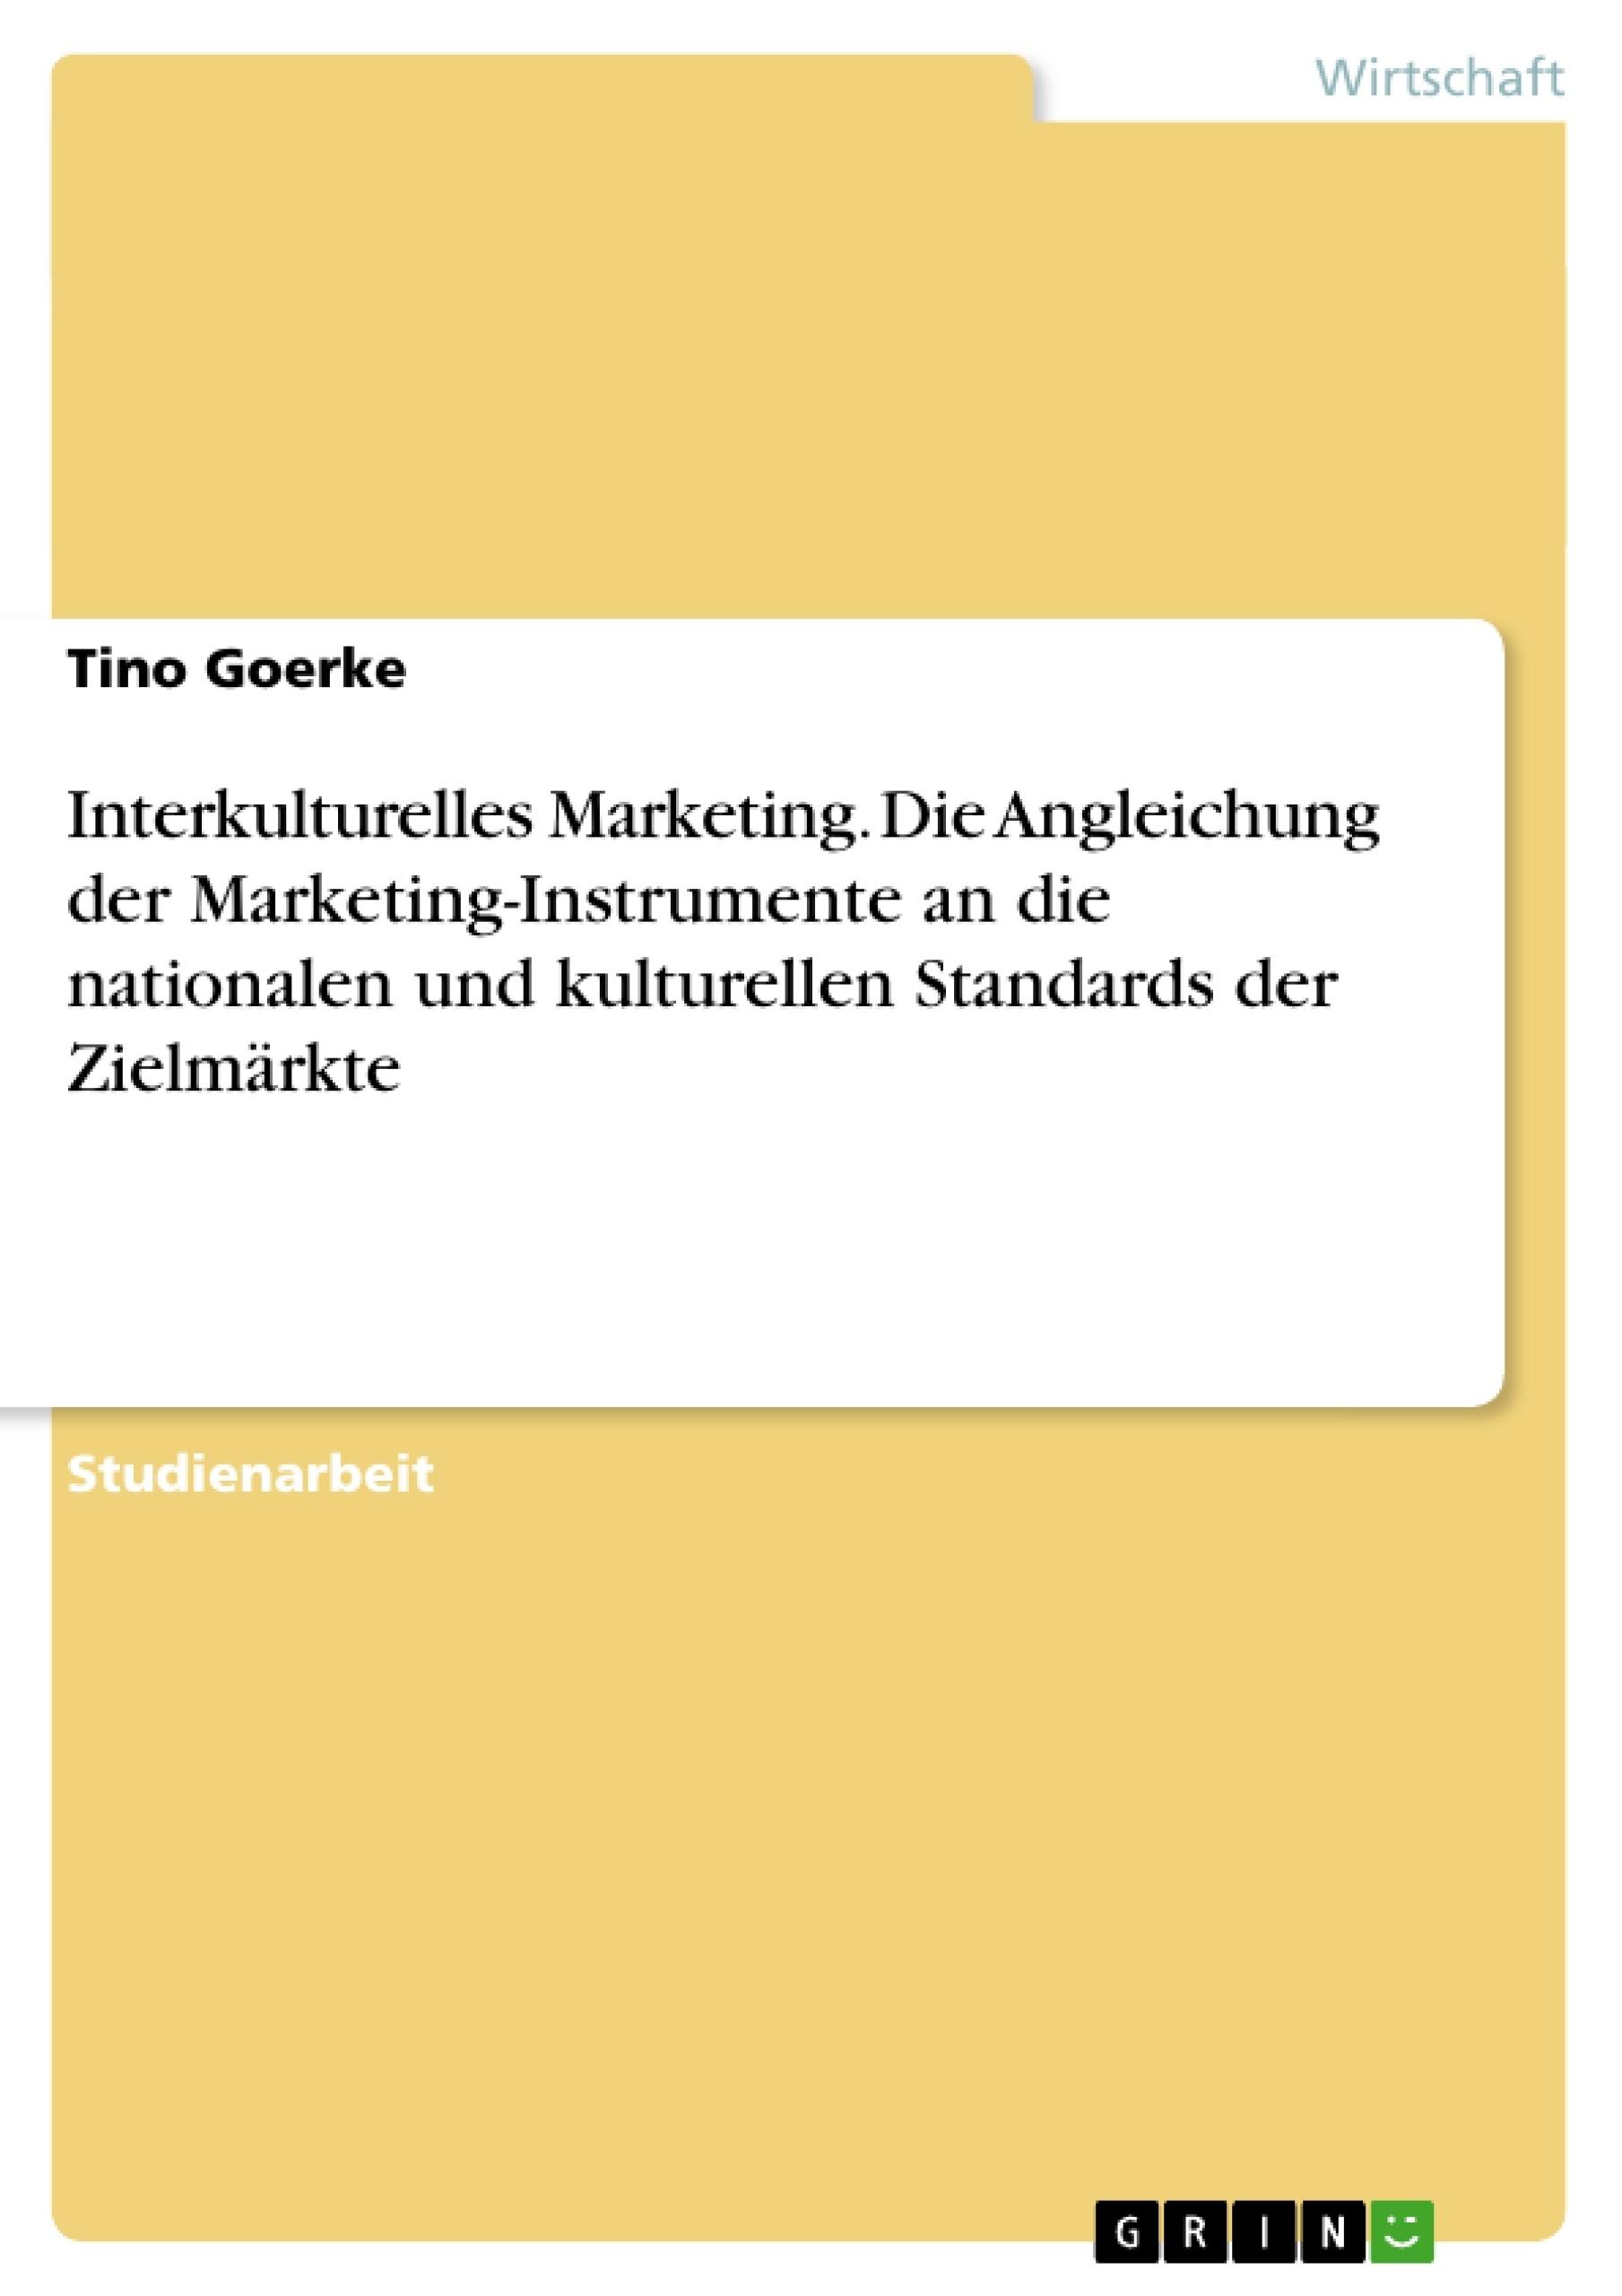 Titel: Interkulturelles Marketing. Die Angleichung der Marketing-Instrumente an die nationalen und kulturellen Standards der Zielmärkte